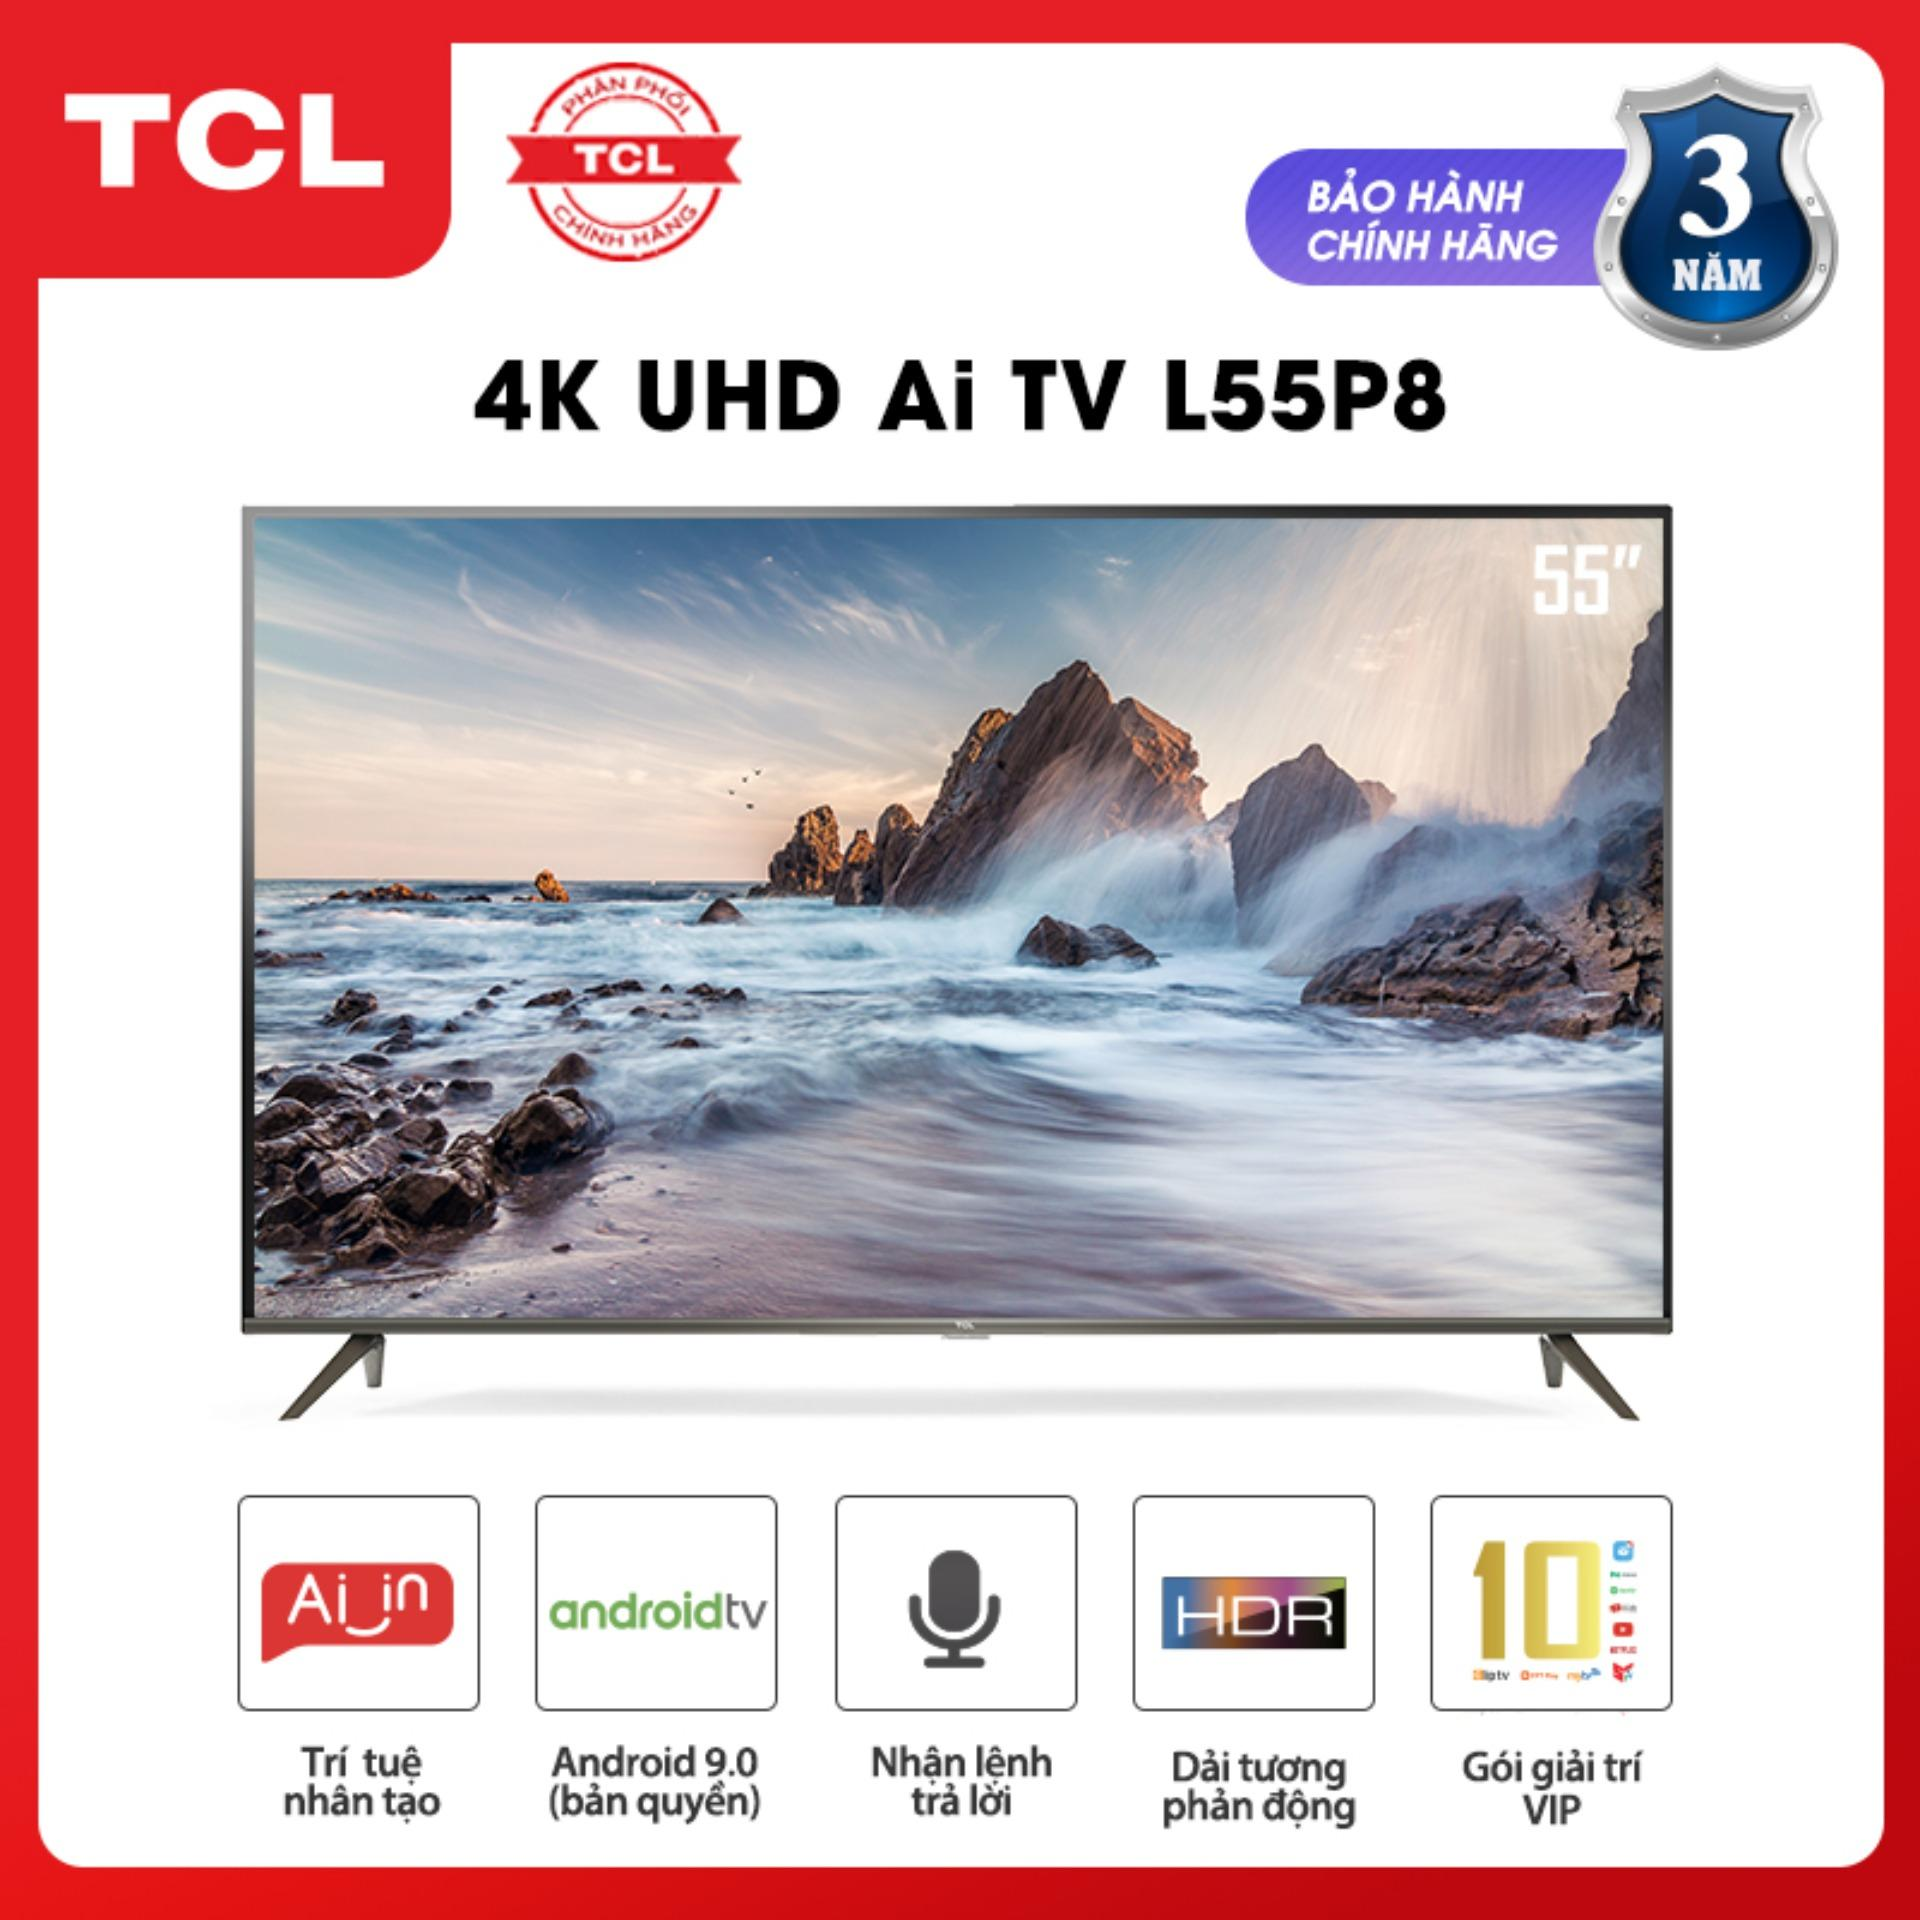 Bảng giá Smart Android 9.0 TV 55 inch TCL 4K UHD wifi - L55P8 - HDR, Micro Dimming, Dolby, Chromecast, T-cast, AI+IN - Tivi giá rẻ chất lượng - Bảo hành 3 năm